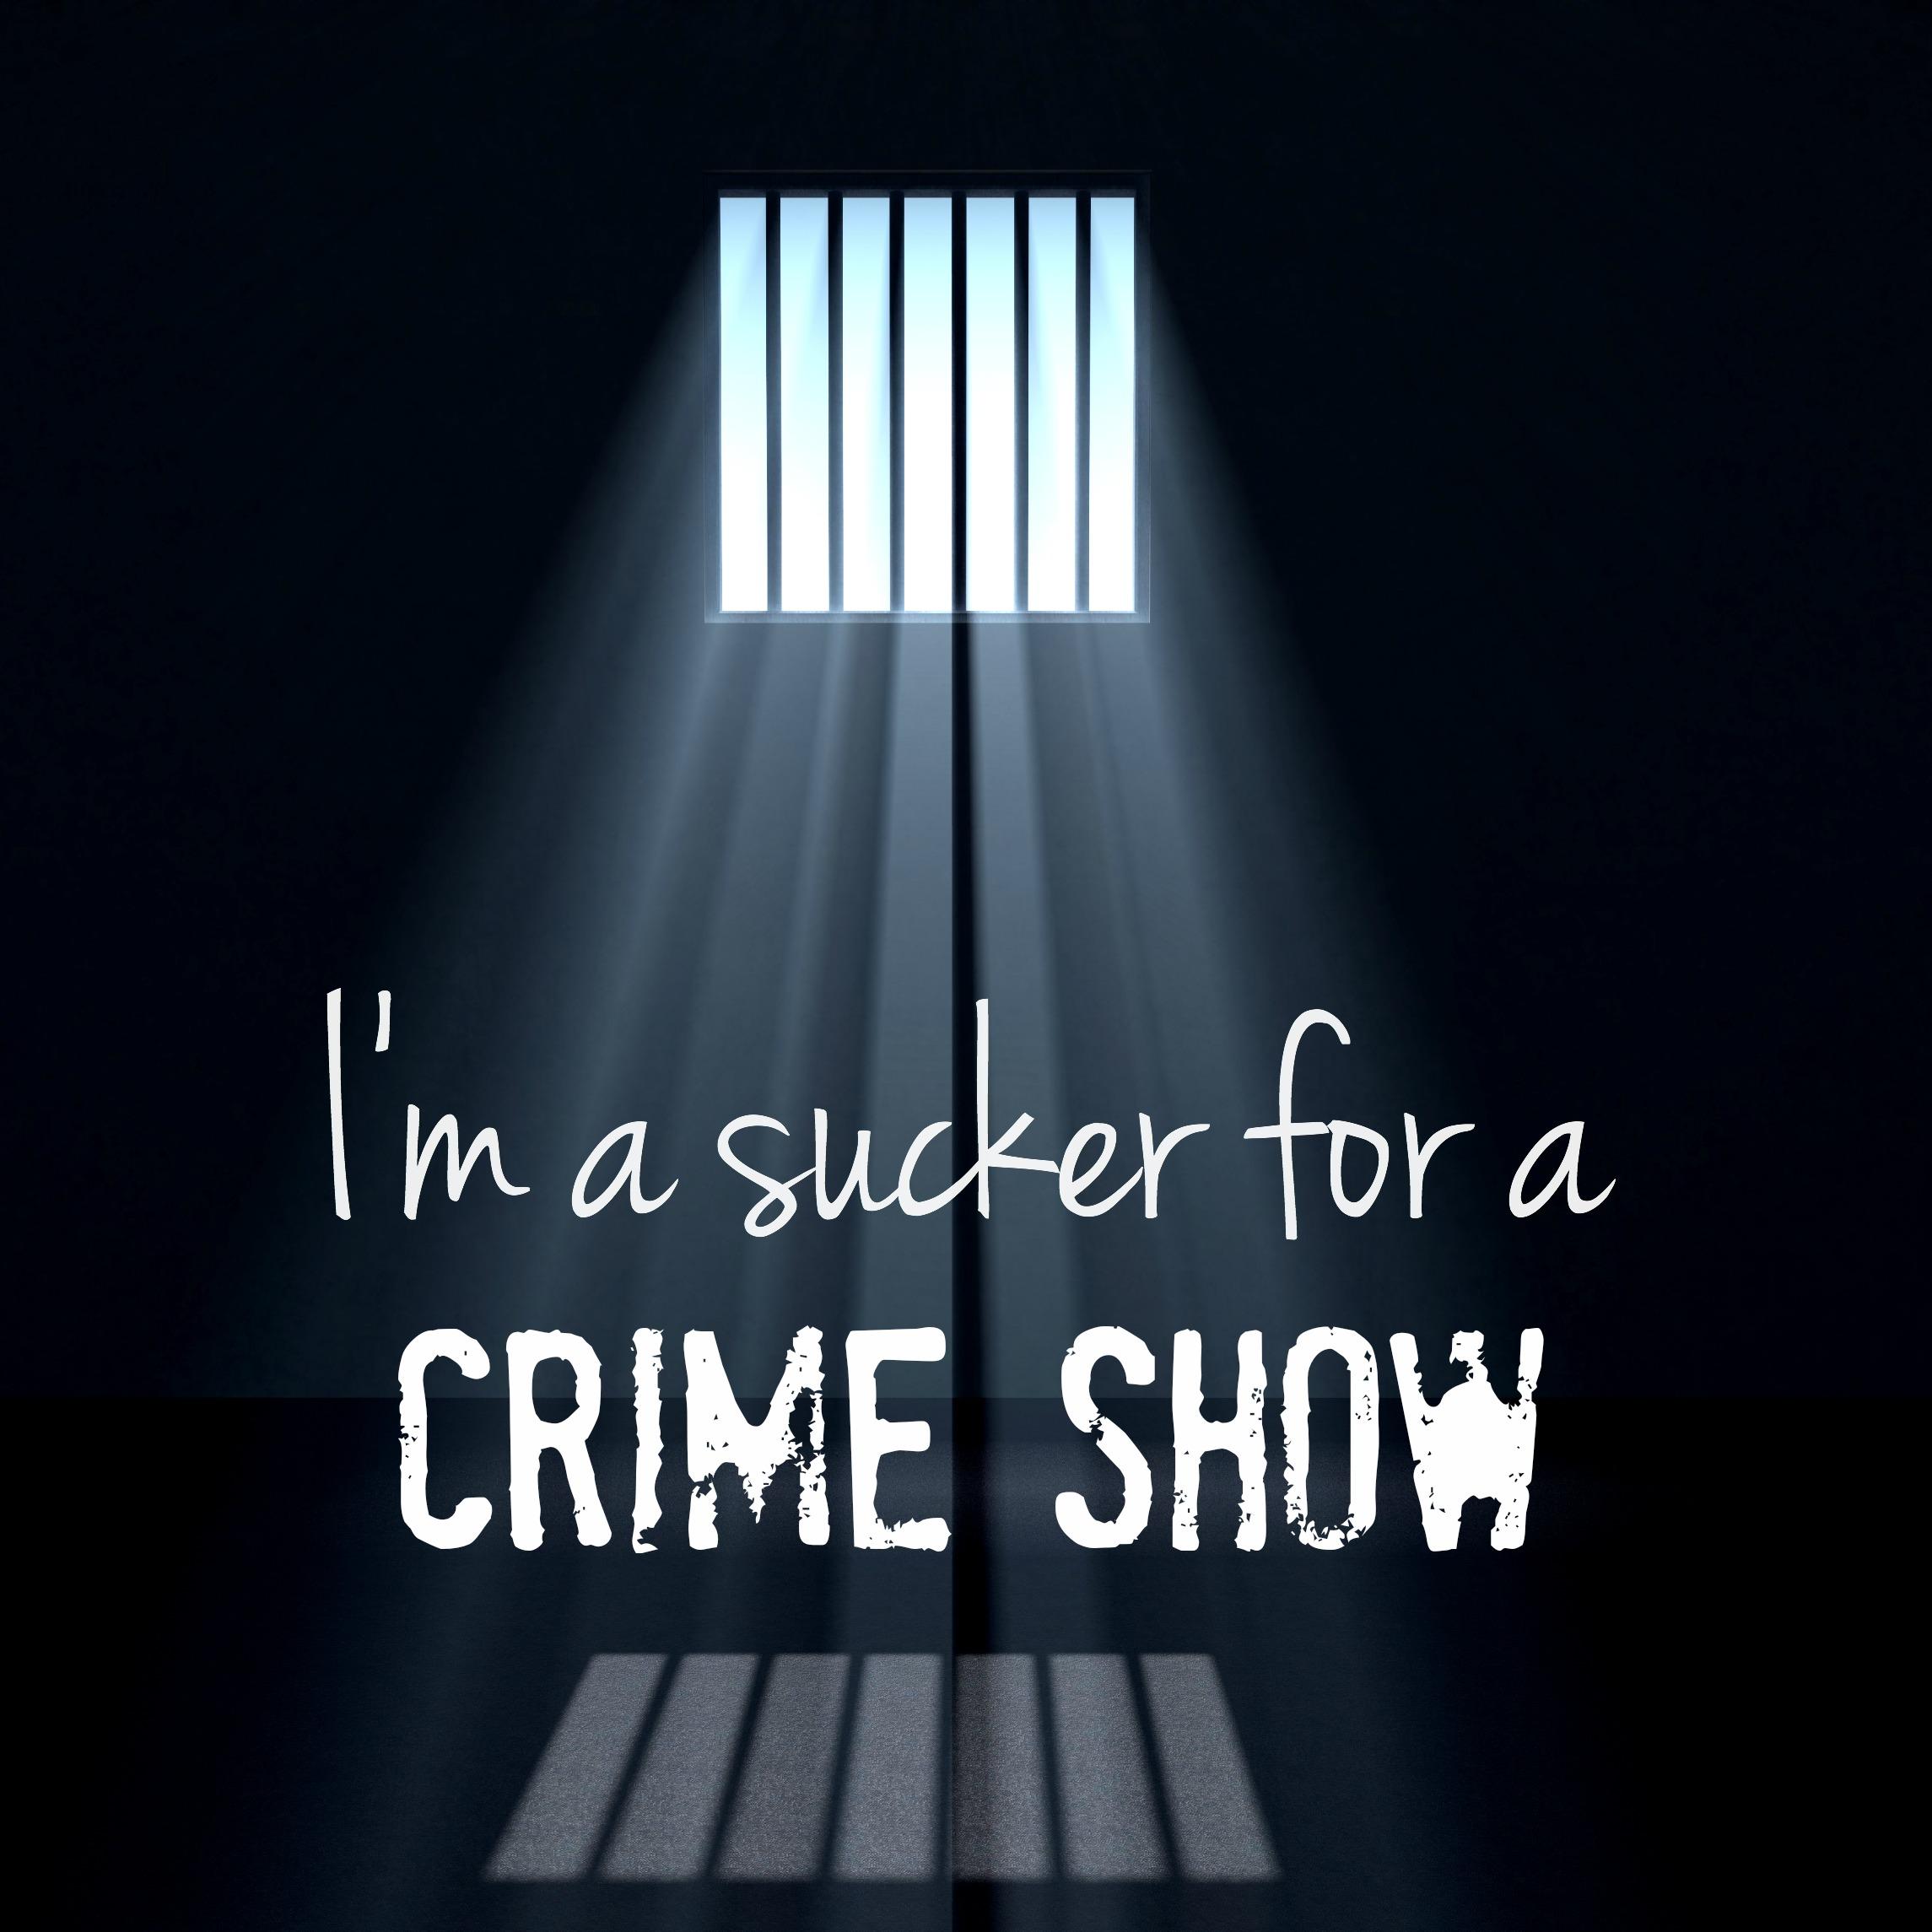 I'm A Sucker For A Crime Show